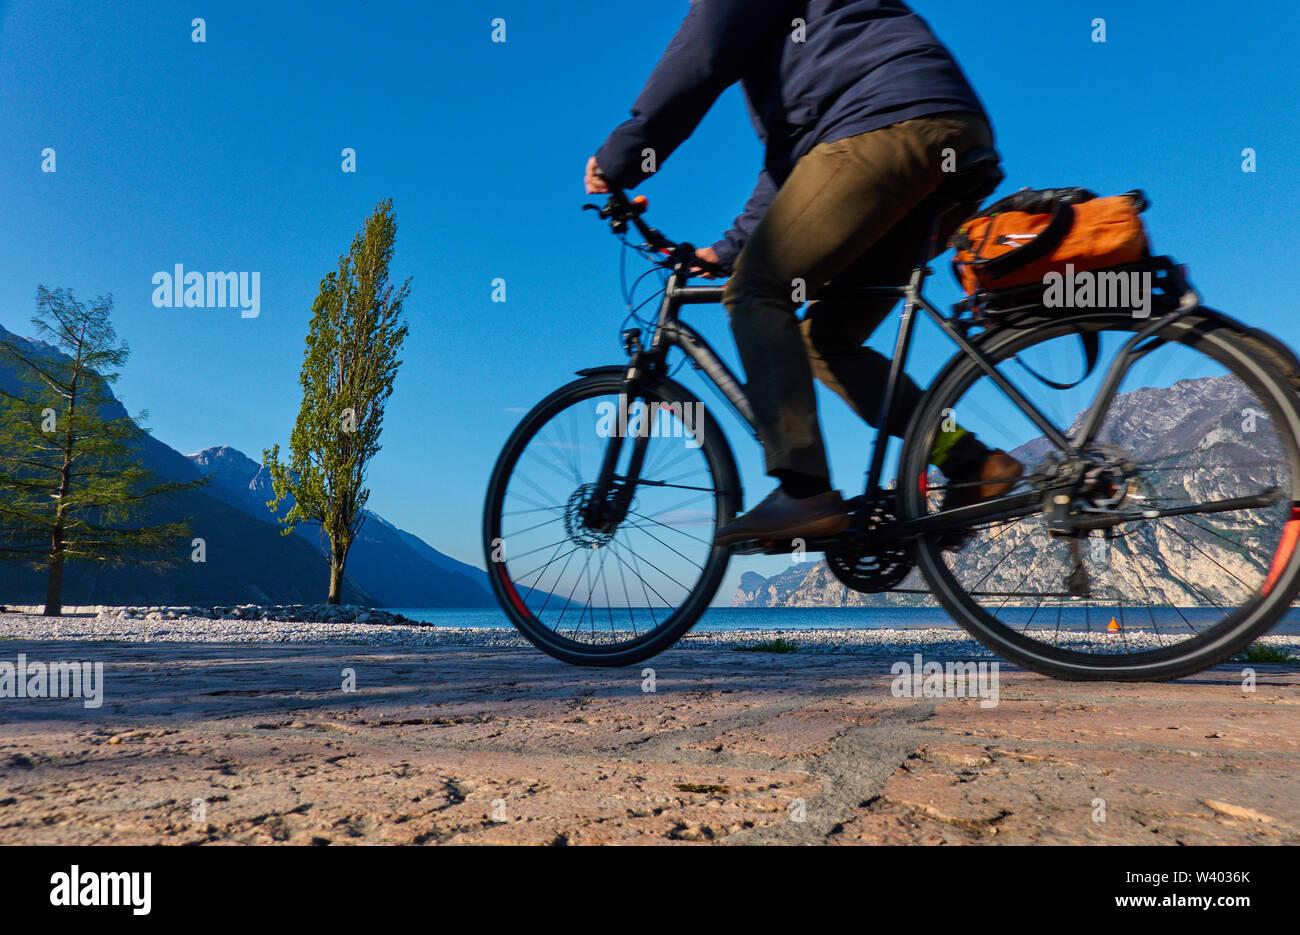 Cyclists at north beach on sunrise at small harbor Porticcioloat Lago di Garda, Lake Garda in Torbole - Nago, Riva, Trentino , Italy at April 15, 2019 - Stock Image